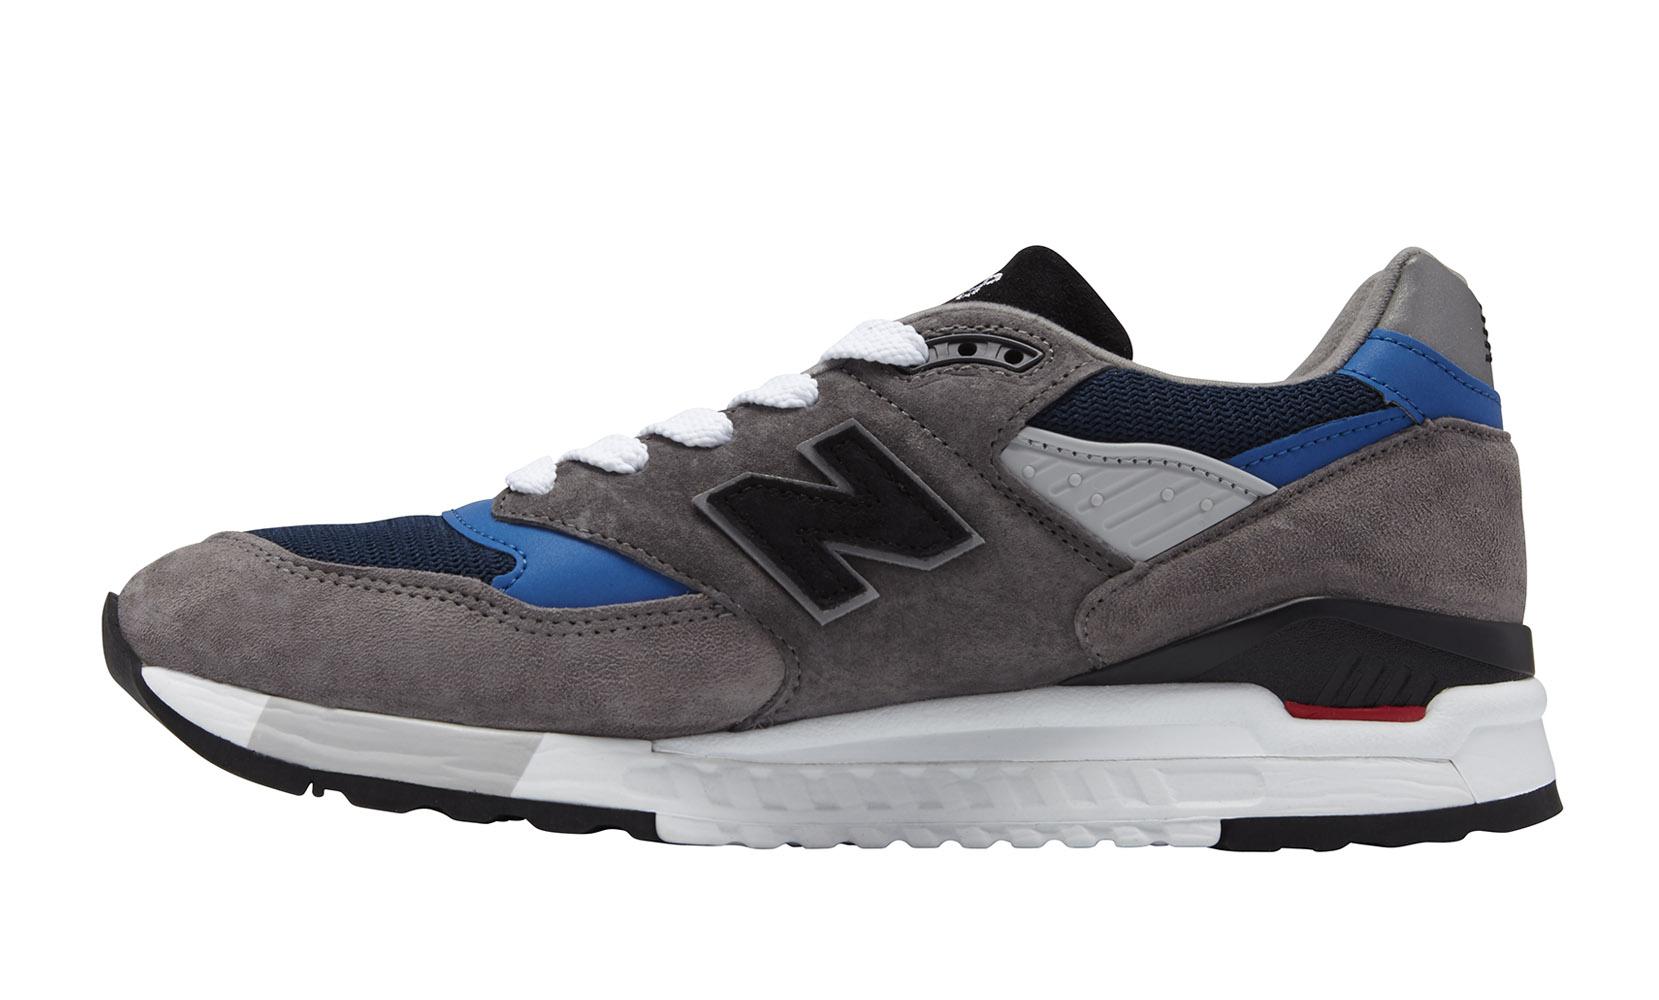 hot sale online 562e6 09b23 Чоловіче взуття повсякденне New Balance 998 Made in US ...